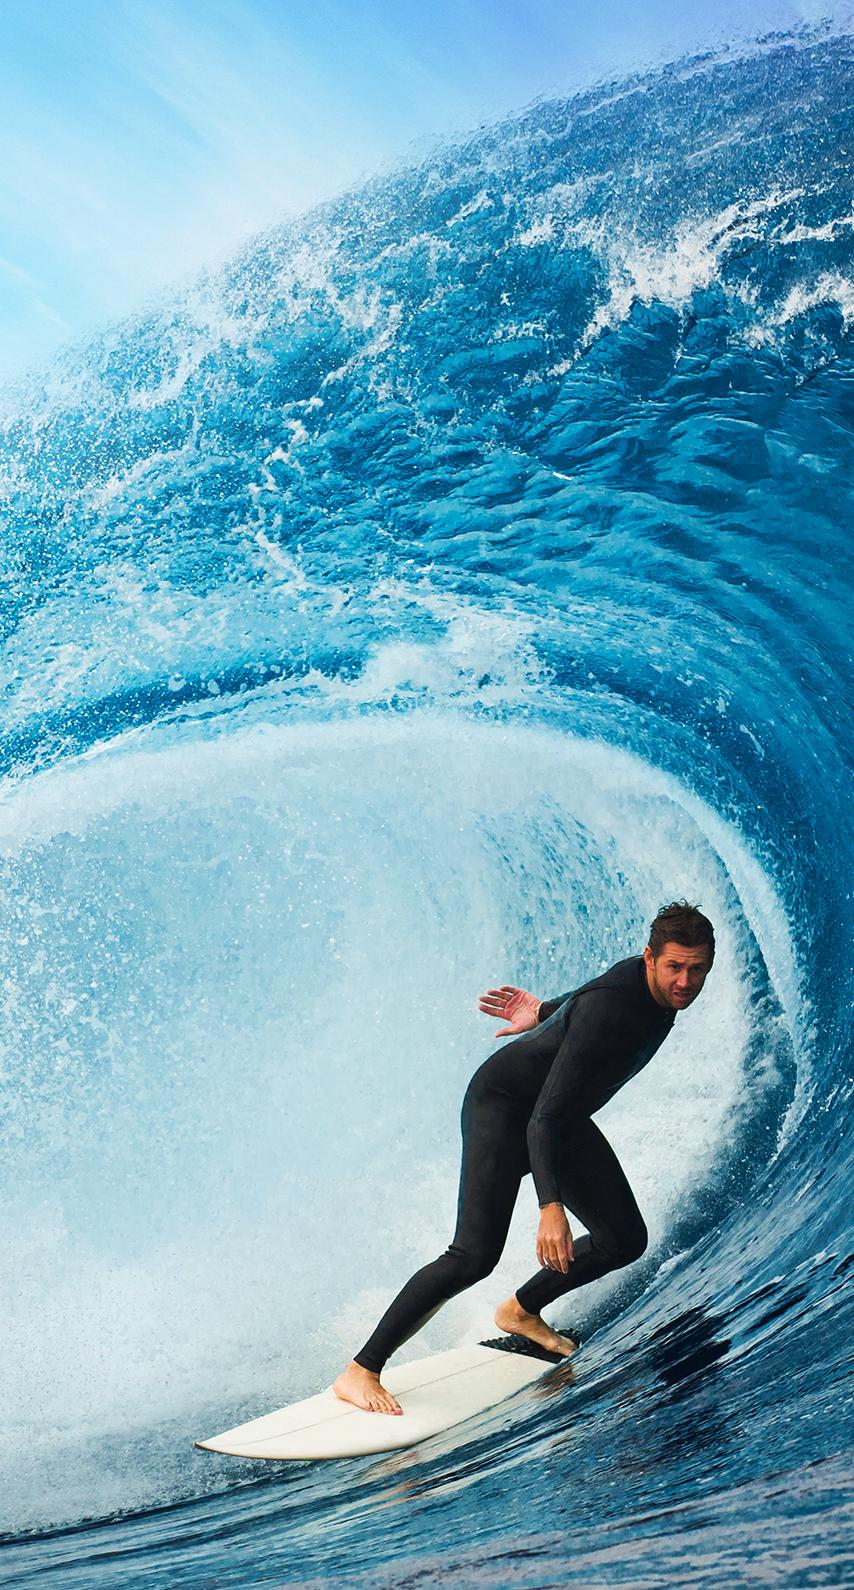 wave, surfer